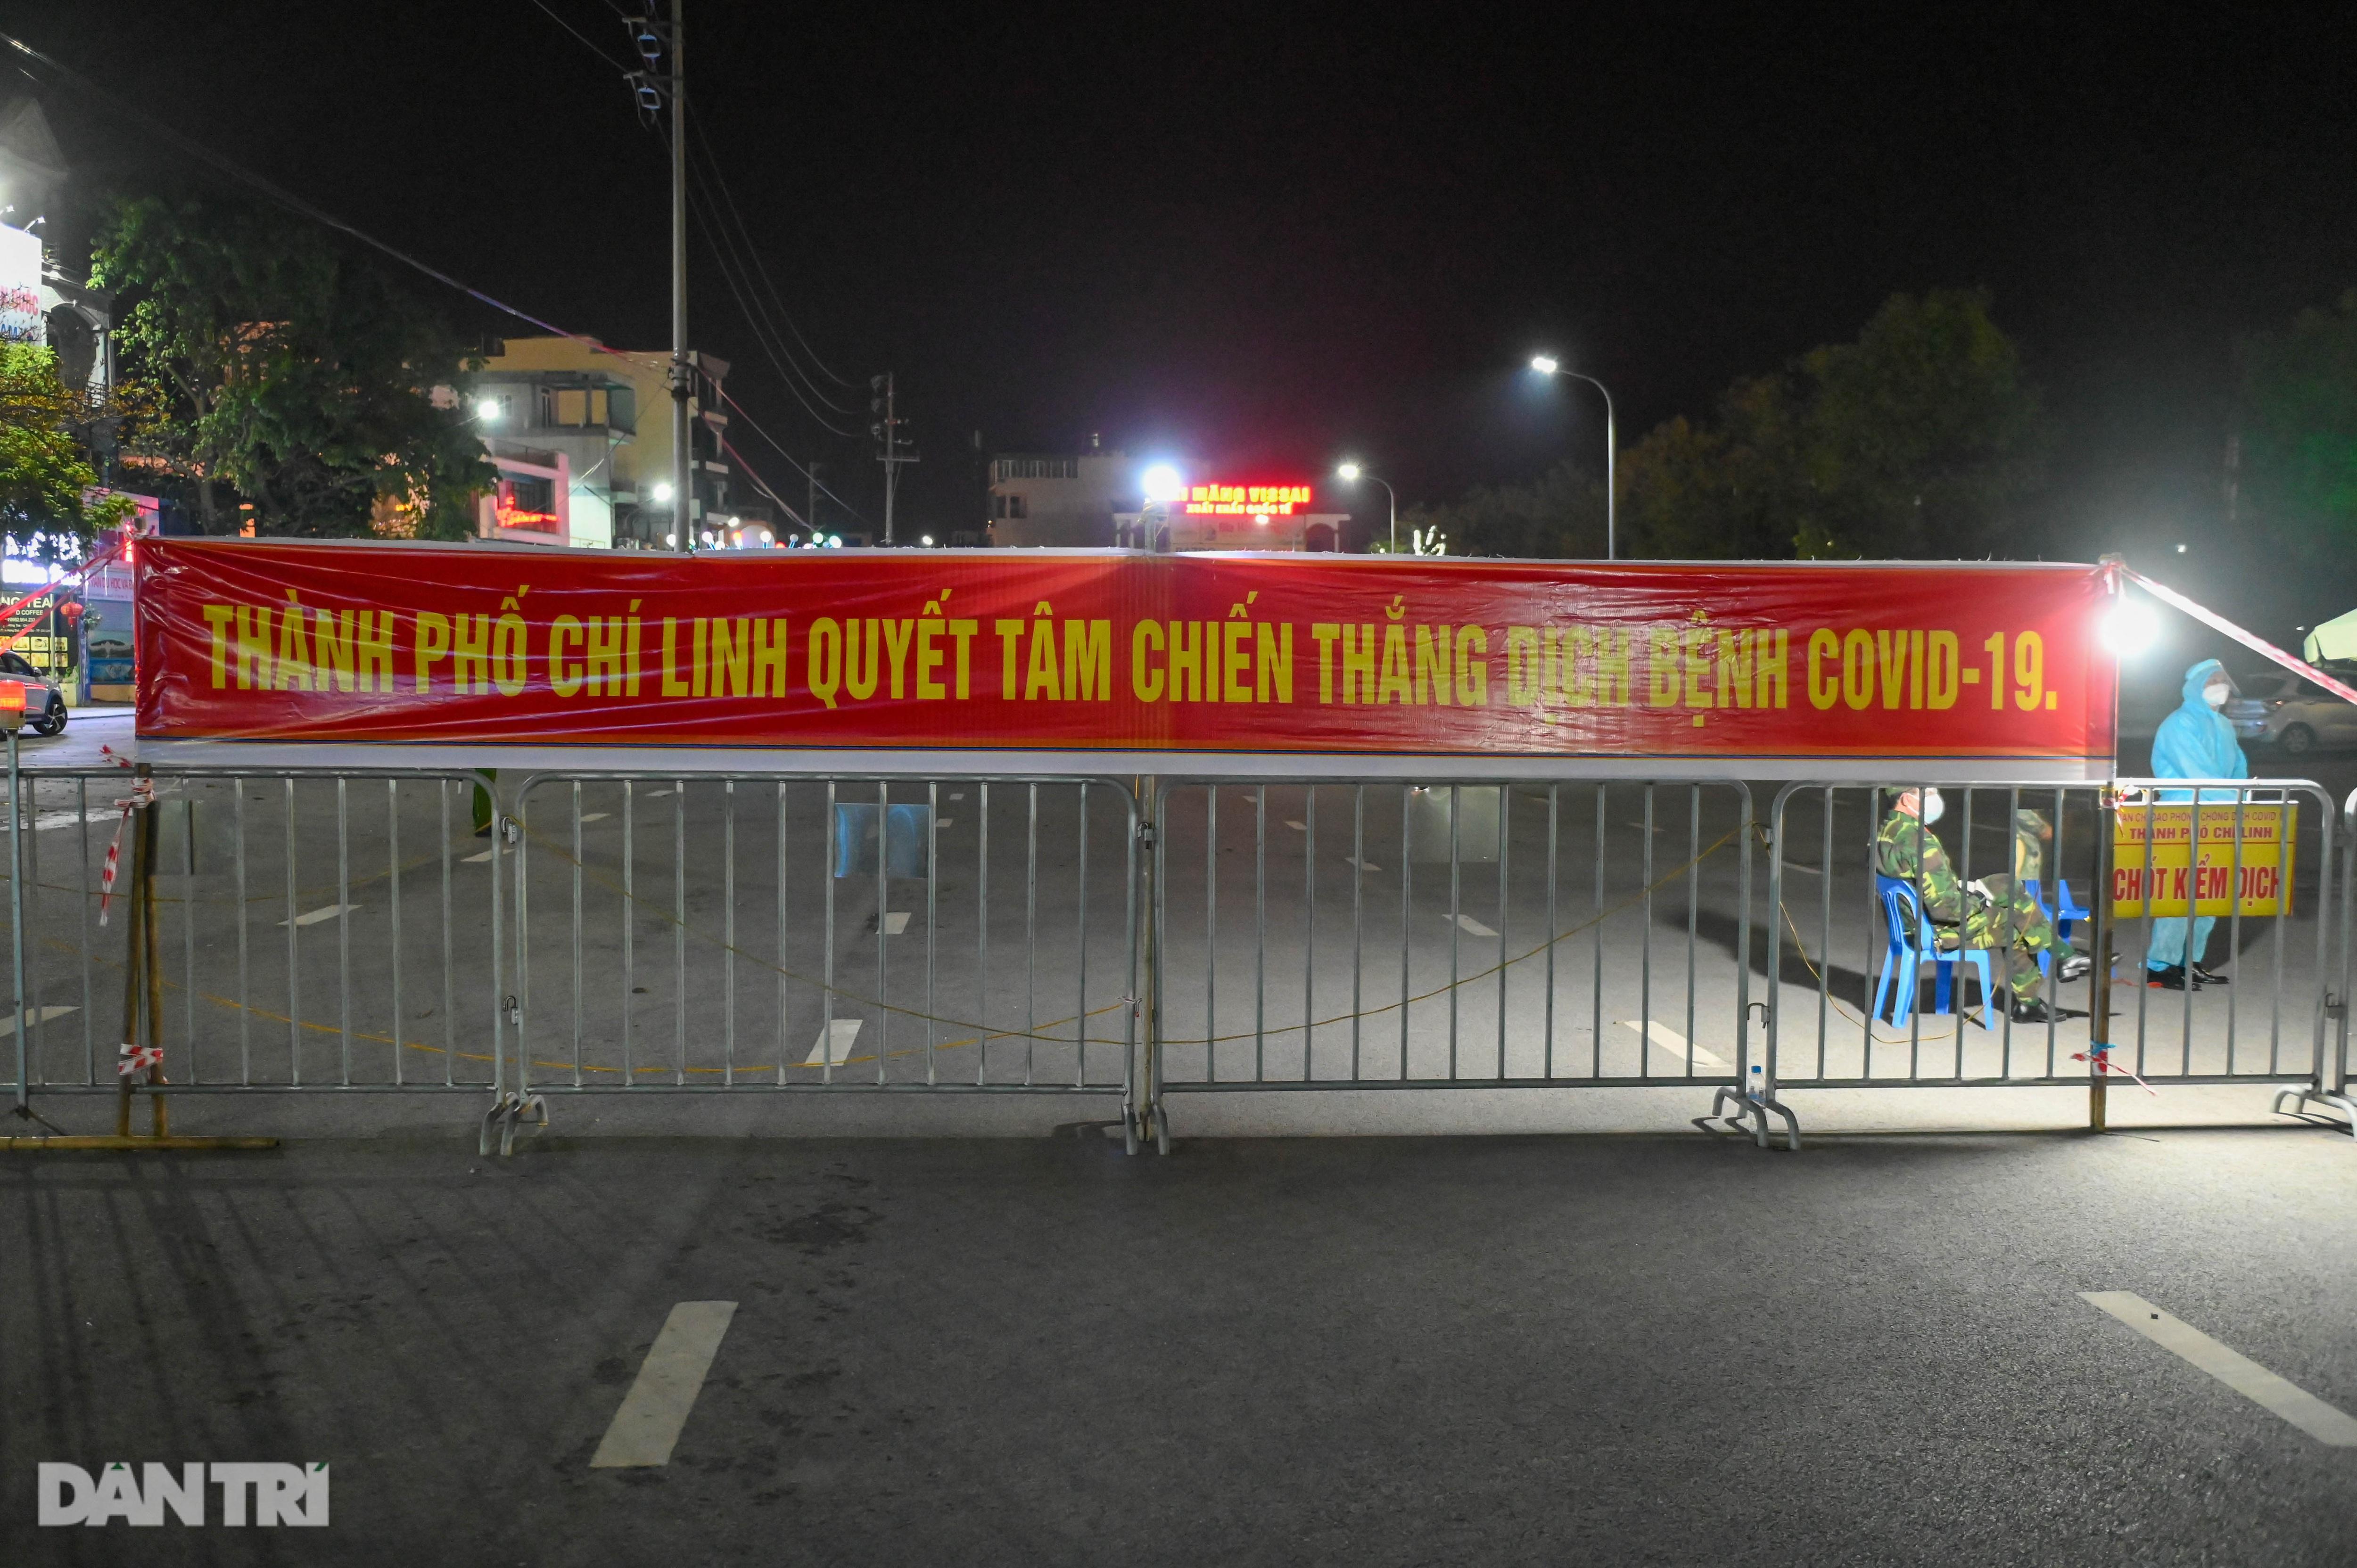 Pháo hoa rực rỡ, người dân vỡ òa cảm xúc khi TP Chí Linh được gỡ phong tỏa - 1